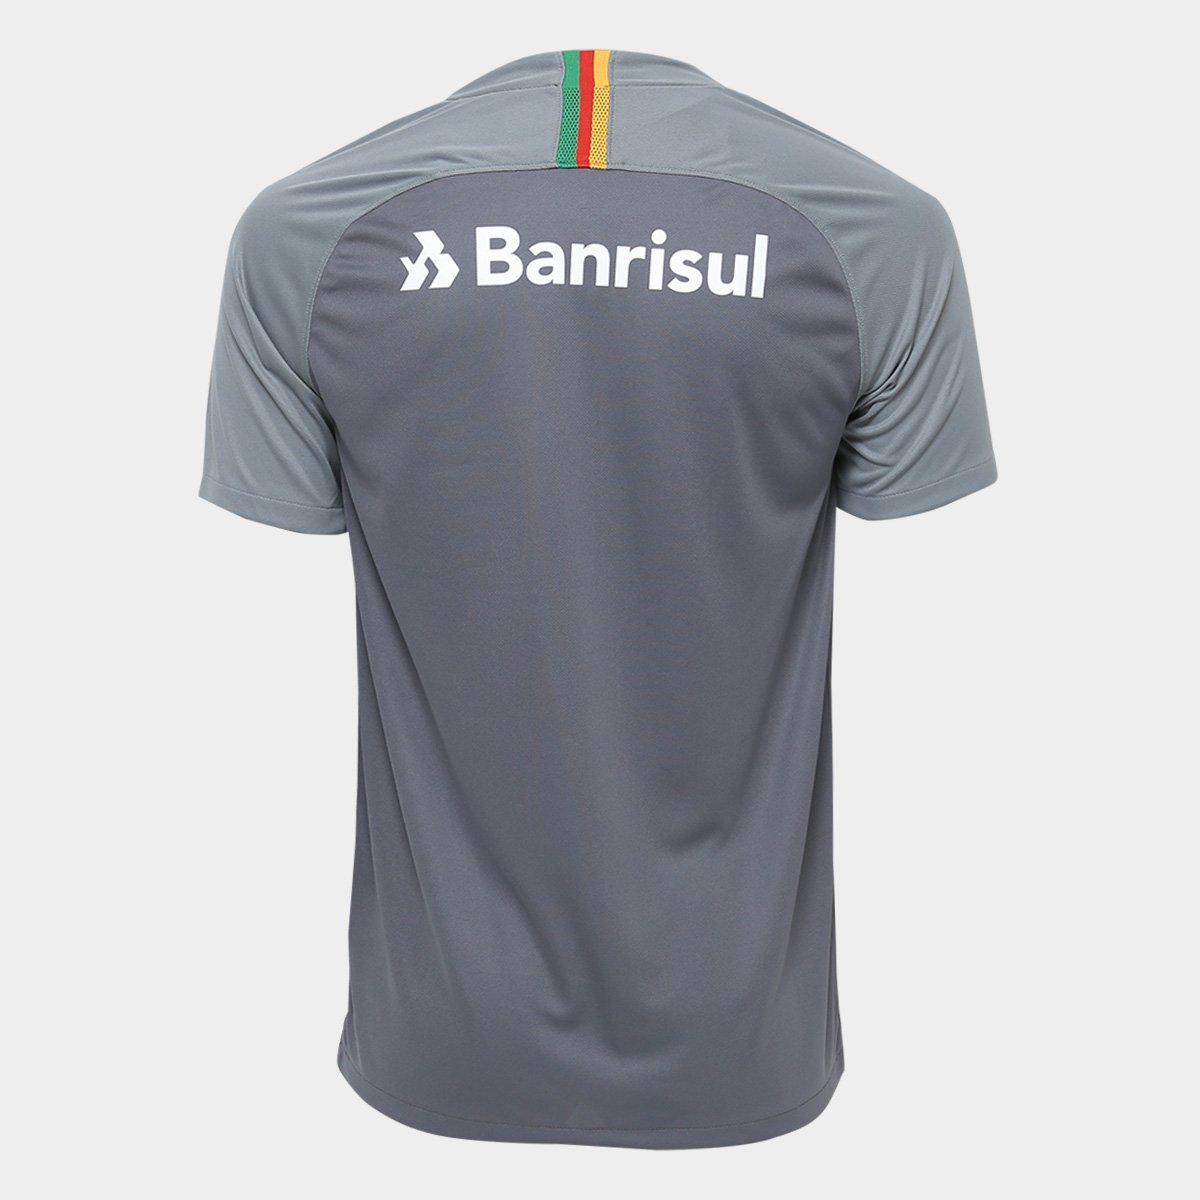 b0fb793080 Camisa Internacional III 2018 s n° - Torcedor Nike Masculina - Cinza ...